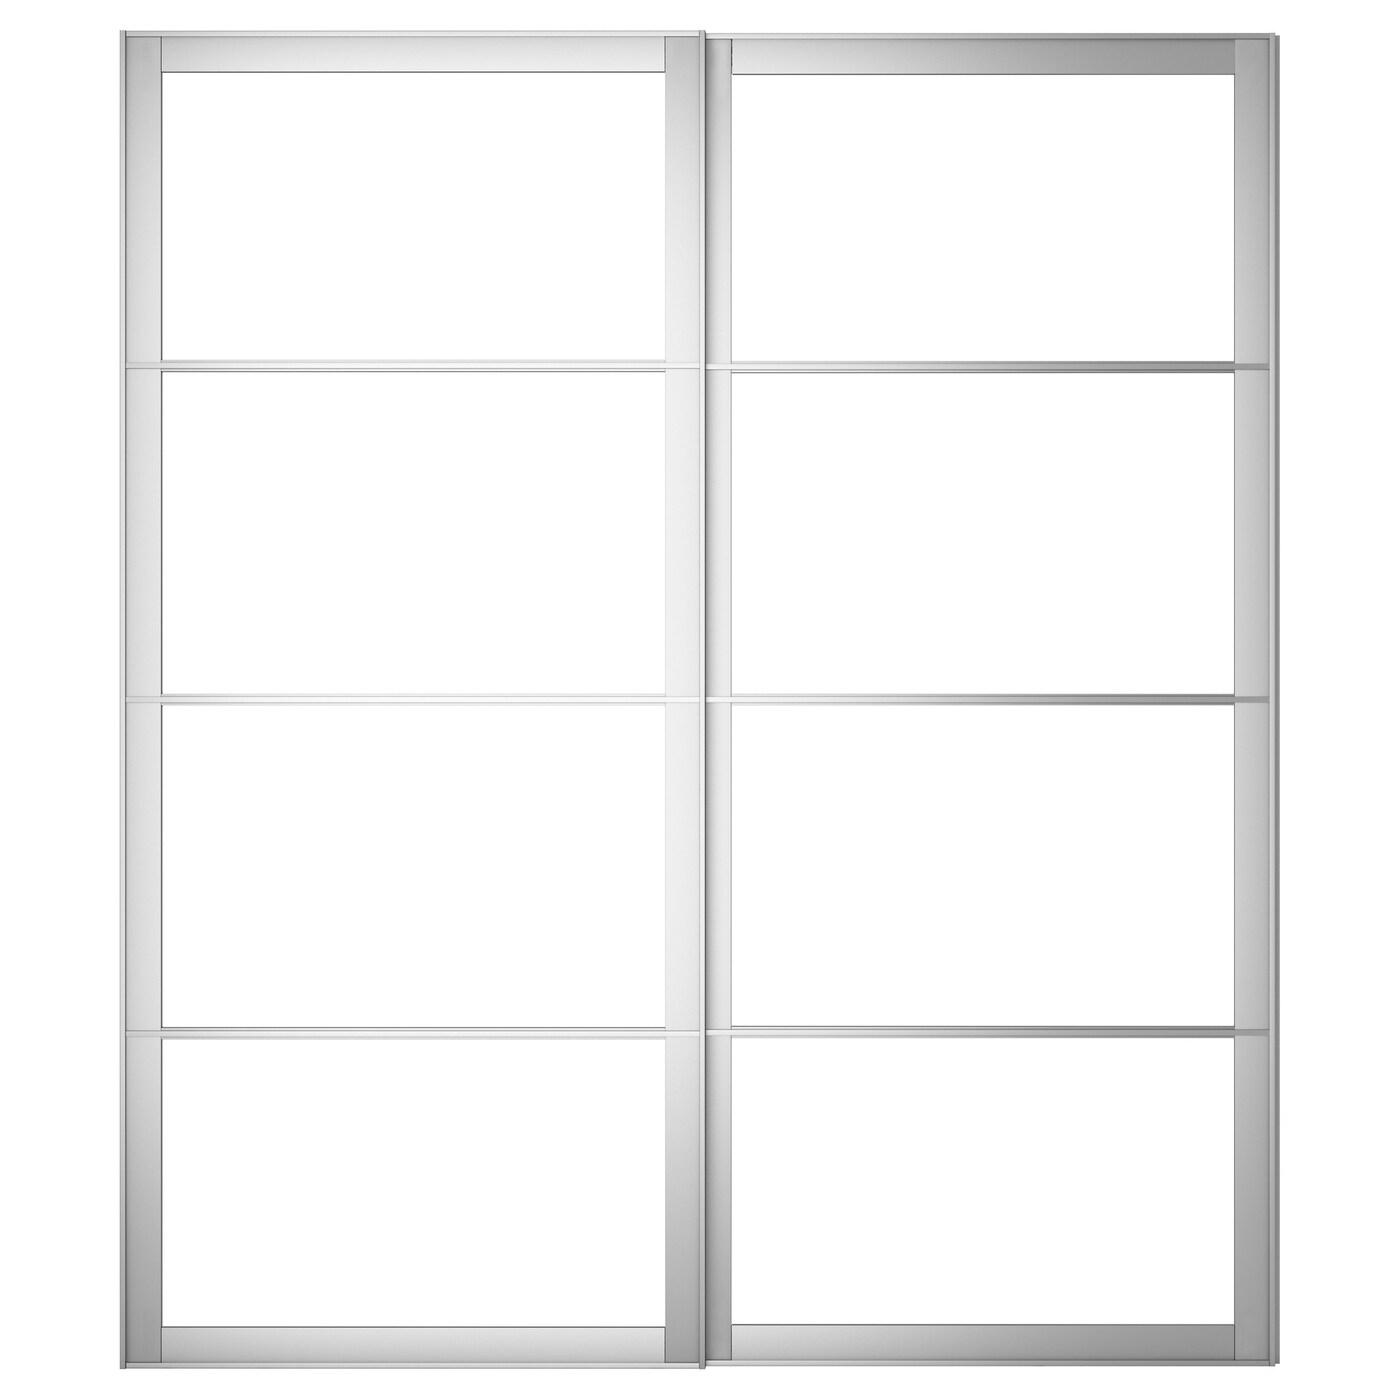 Pax Pair Of Sliding Door Frames Rail